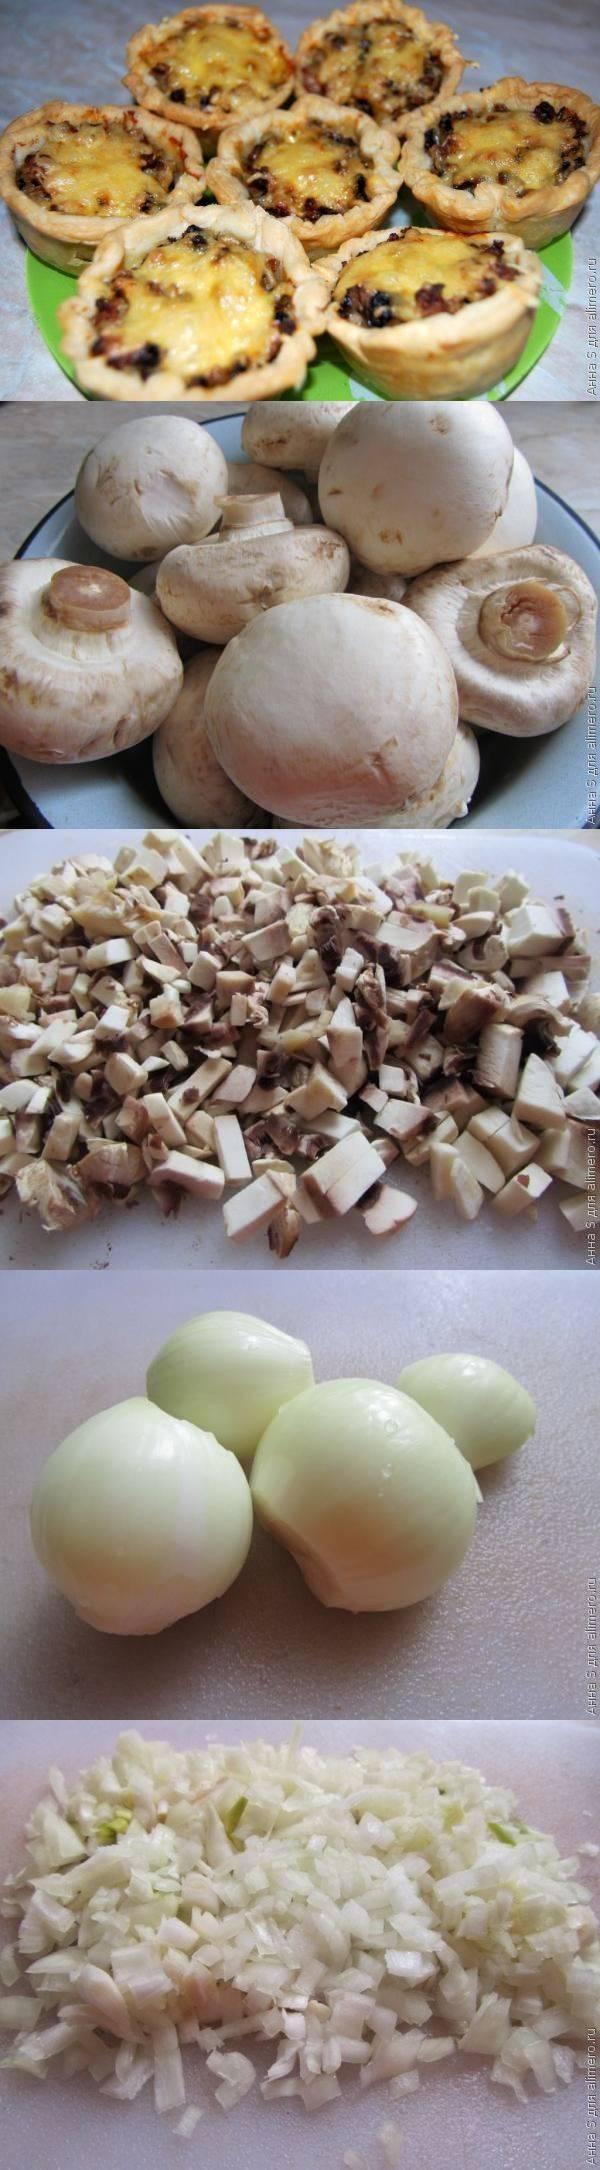 Слоеные корзиночки с грибами и мясным фаршем